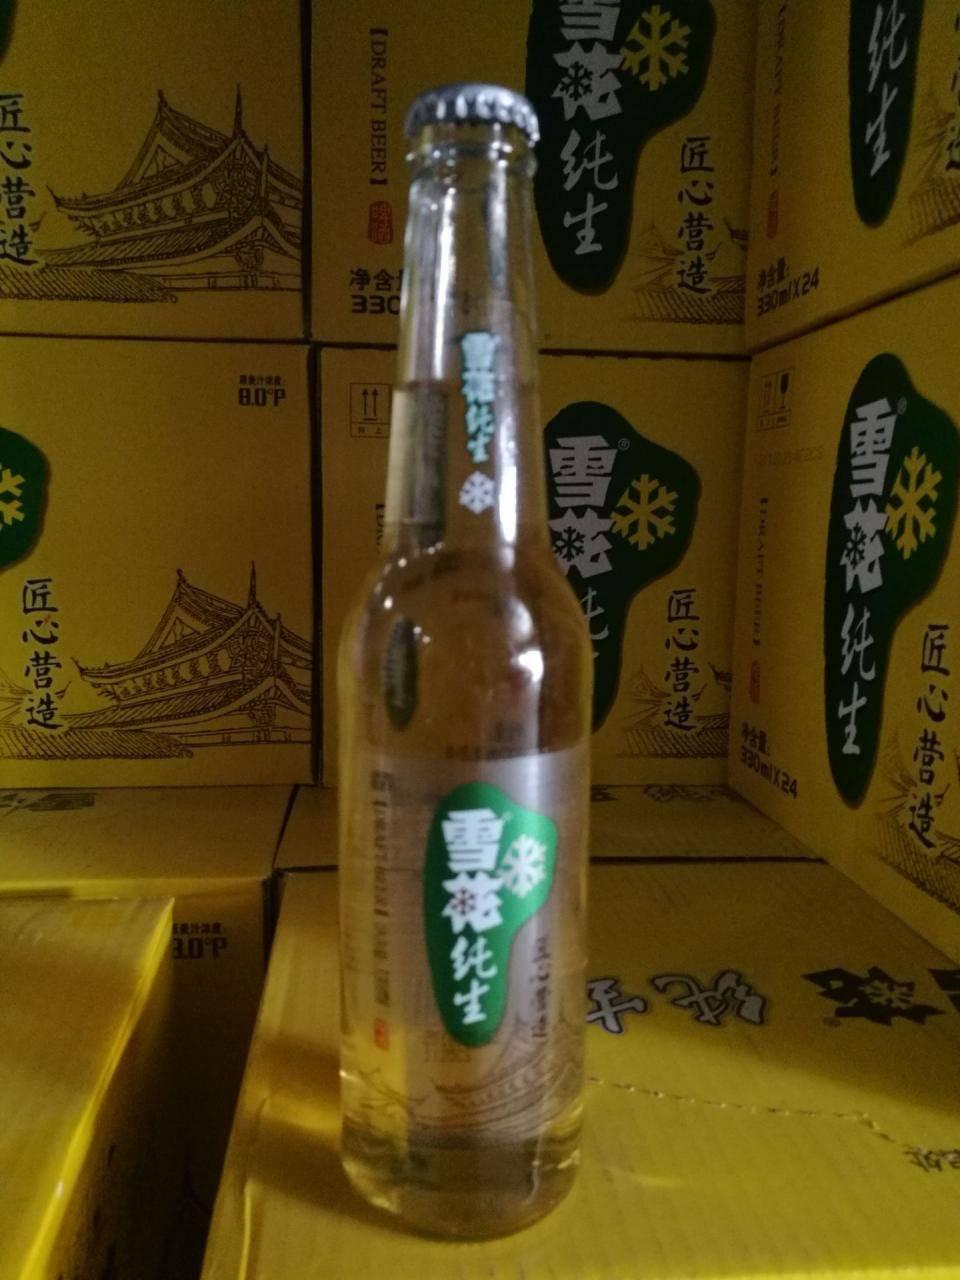 雪花啤酒纯生价格-一盒雪花纯健康多少钱-大麦丫-精酿啤酒连锁超市,工厂店平价酒吧免费加盟